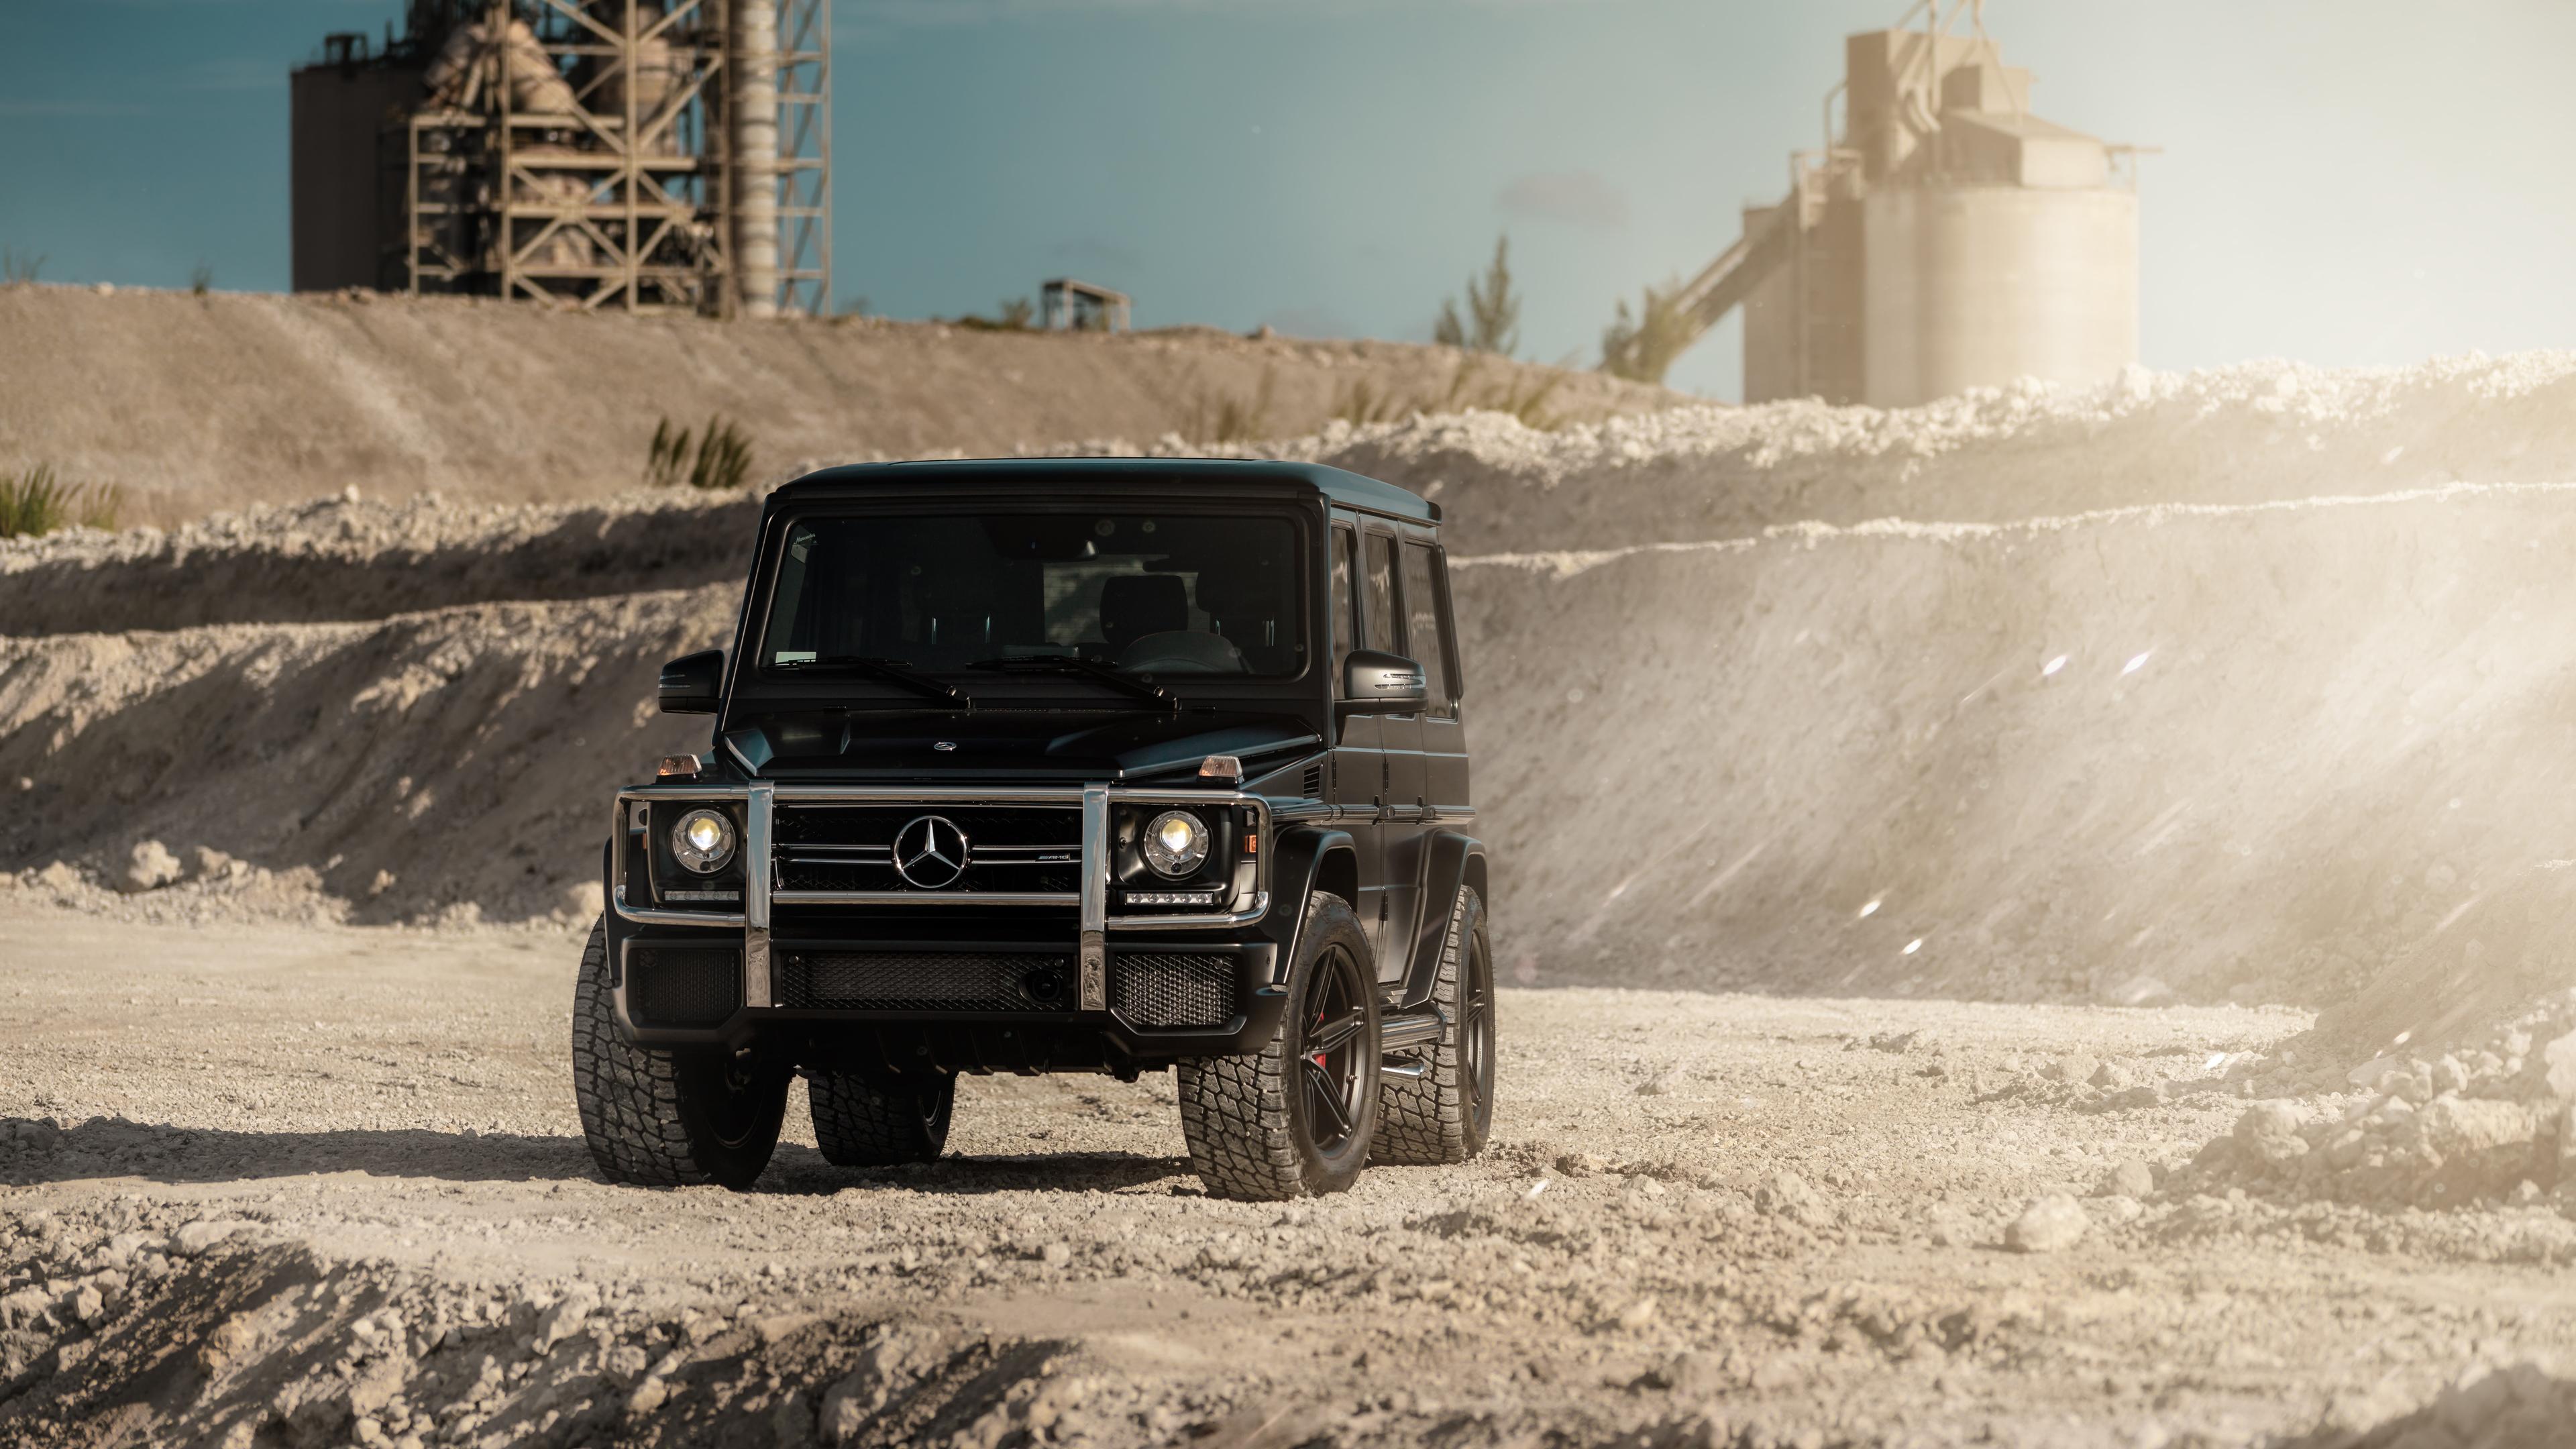 mercedes g wagon 4k 1546362076 - Mercedes G Wagon 4k - suv wallpapers, mercedes wallpapers, mercedes g class wallpapers, mercedes benz wallpapers, hd-wallpapers, cars wallpapers, 8k wallpapers, 5k wallpapers, 4k-wallpapers